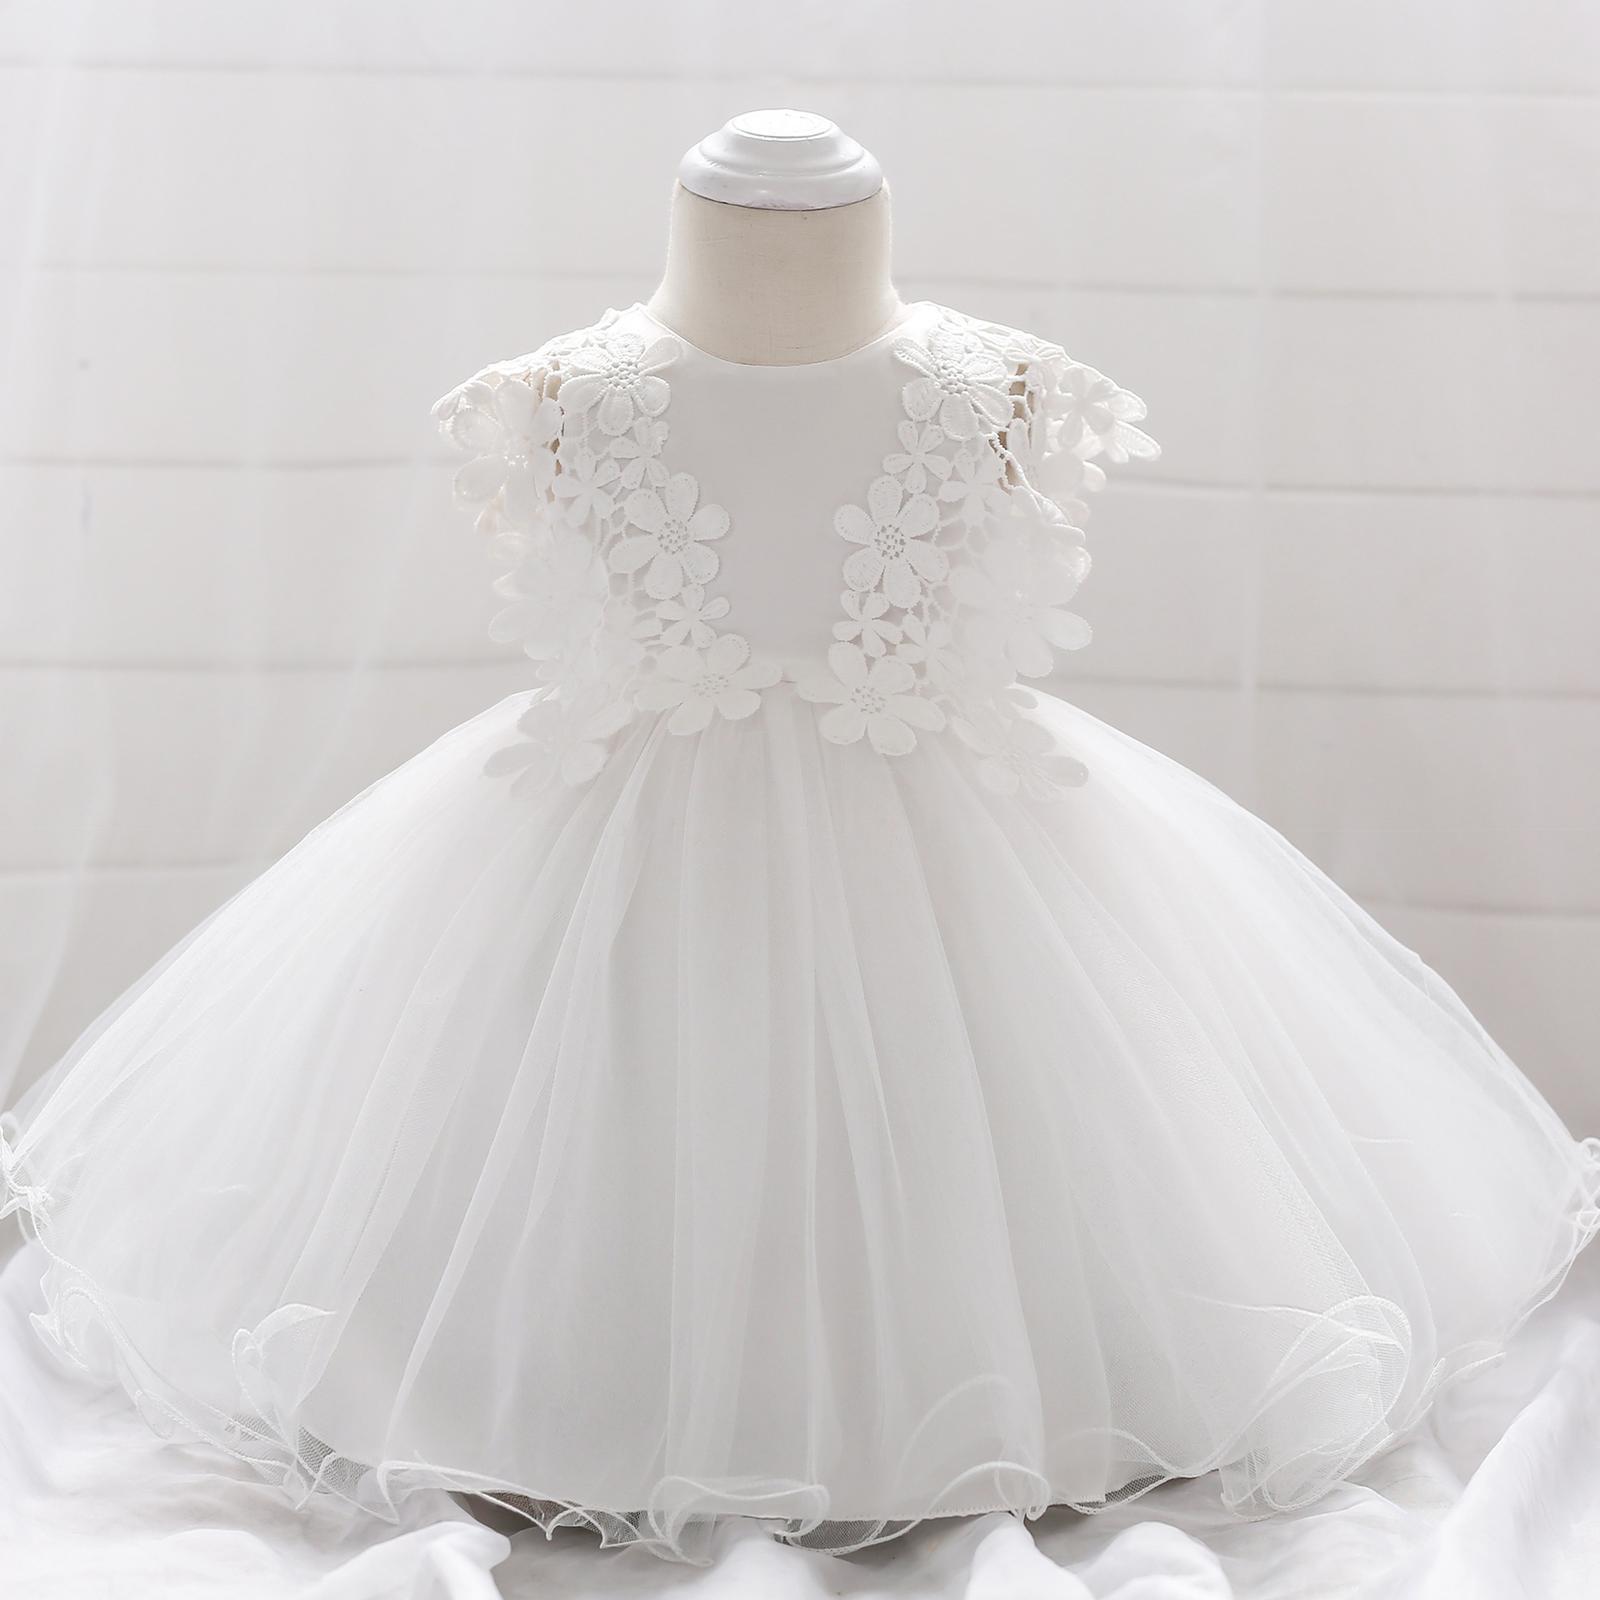 Šaty pre malé princezničky (74 - 98) - Detské šaty L1838XZ - biele (74 - 98) cena 23,90 €